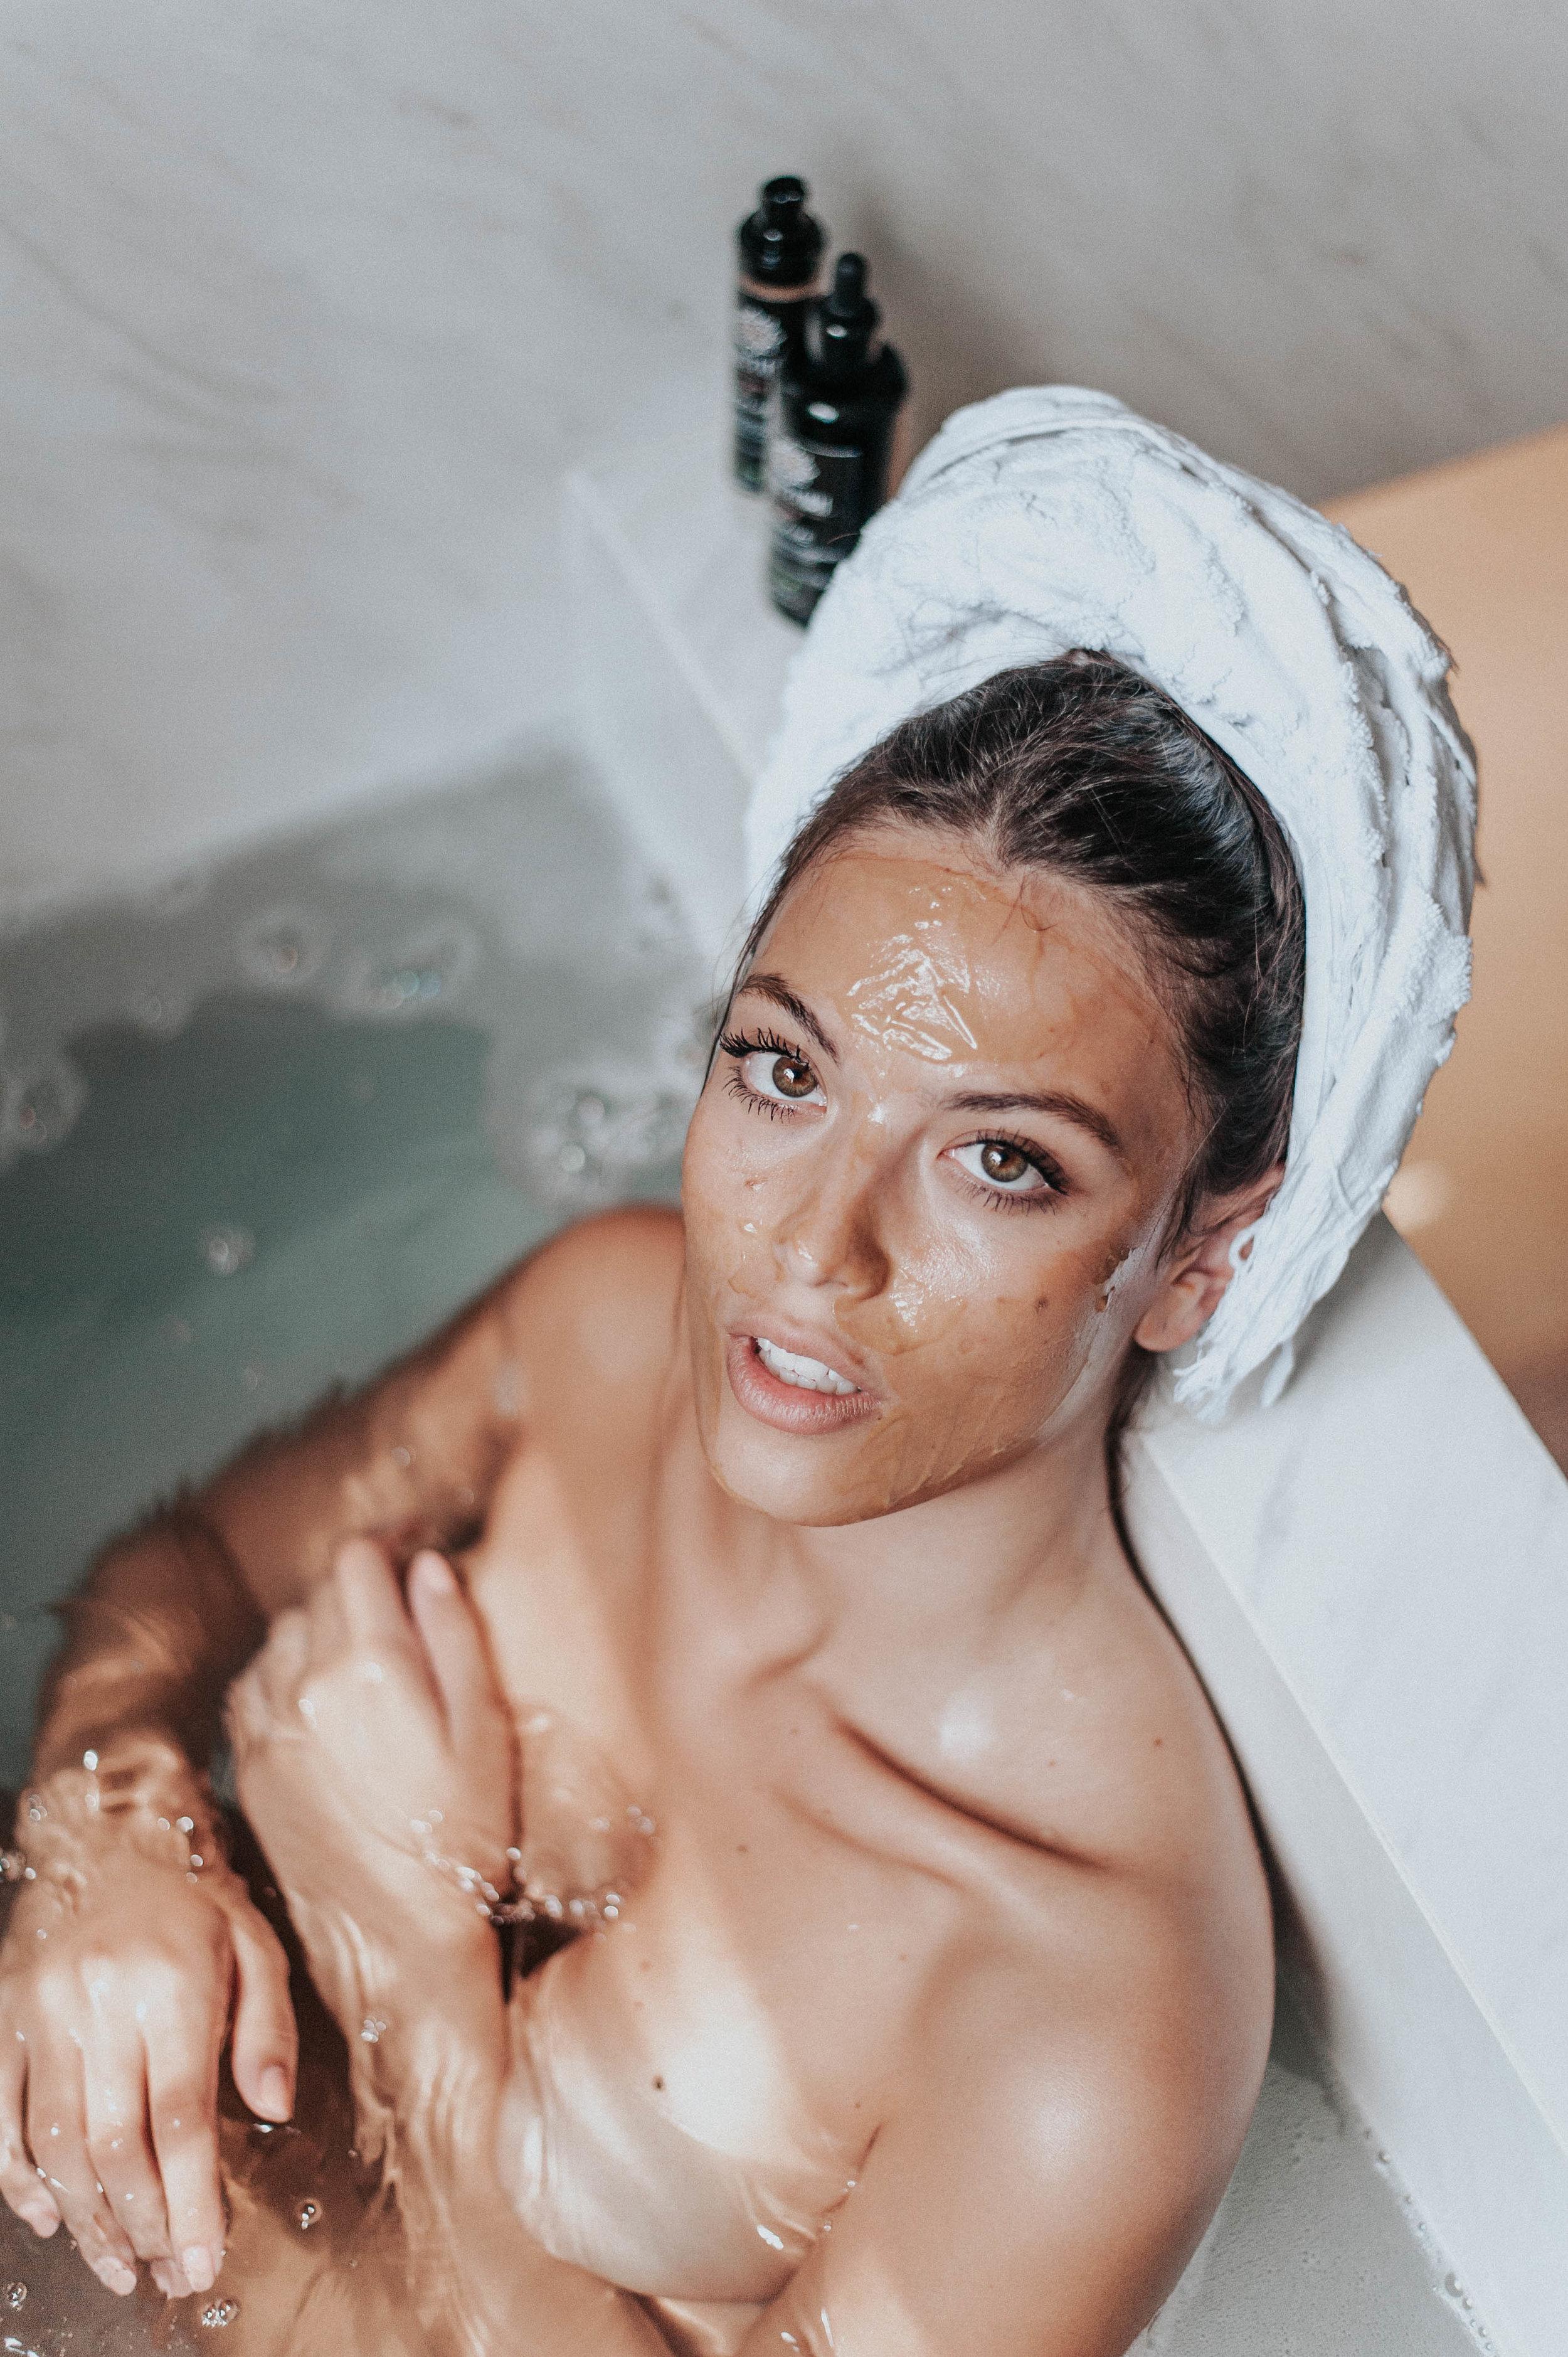 Mastori_Prodotti_Cosmetici_Skincare_Doccia.jpg